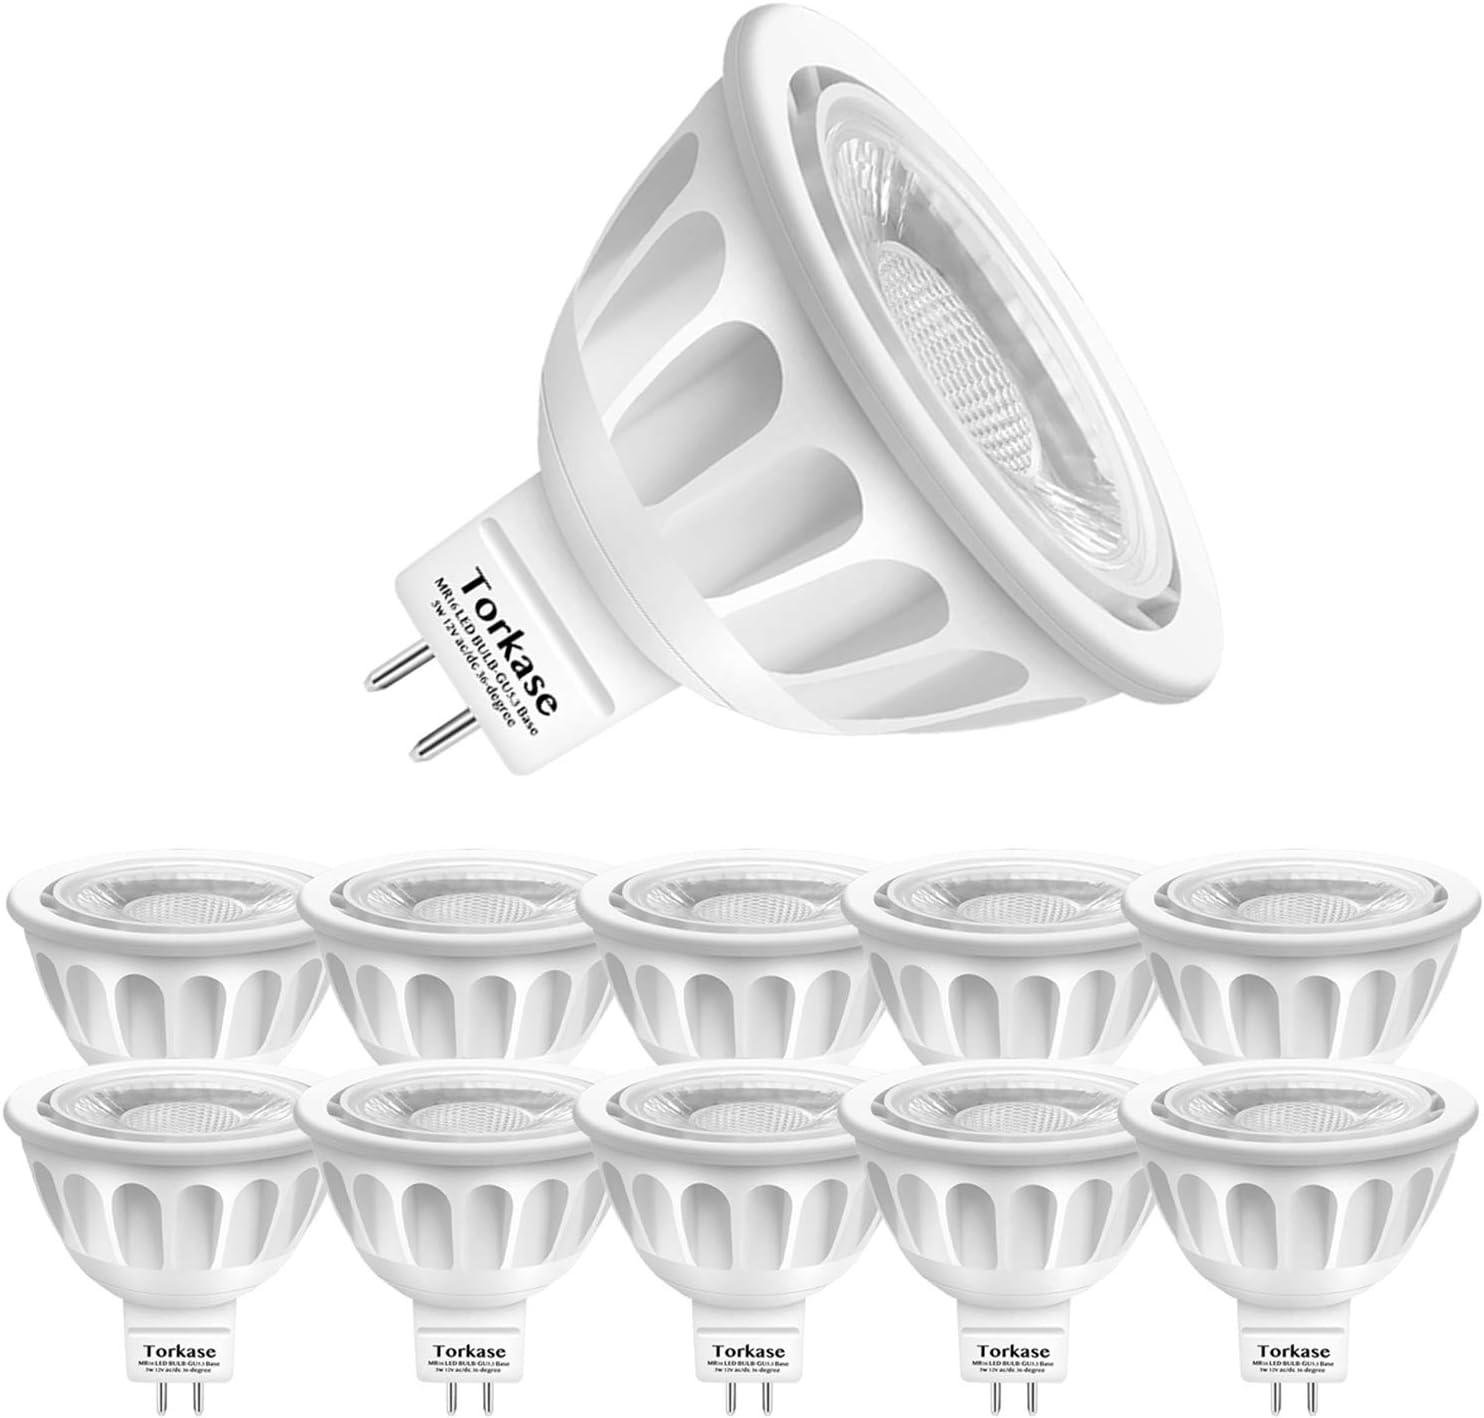 10-Pack MR16 LED Light Bulb, 12-Volt, GU5.3 Bi-Pin Base, 36-Degree Spot Light, 5-Watt (50-Watt Equivalent), 450-Lumen, Non-Dimmable, 3000-Kelvin Warm White Landscape Lighting Bulbs by Torkase